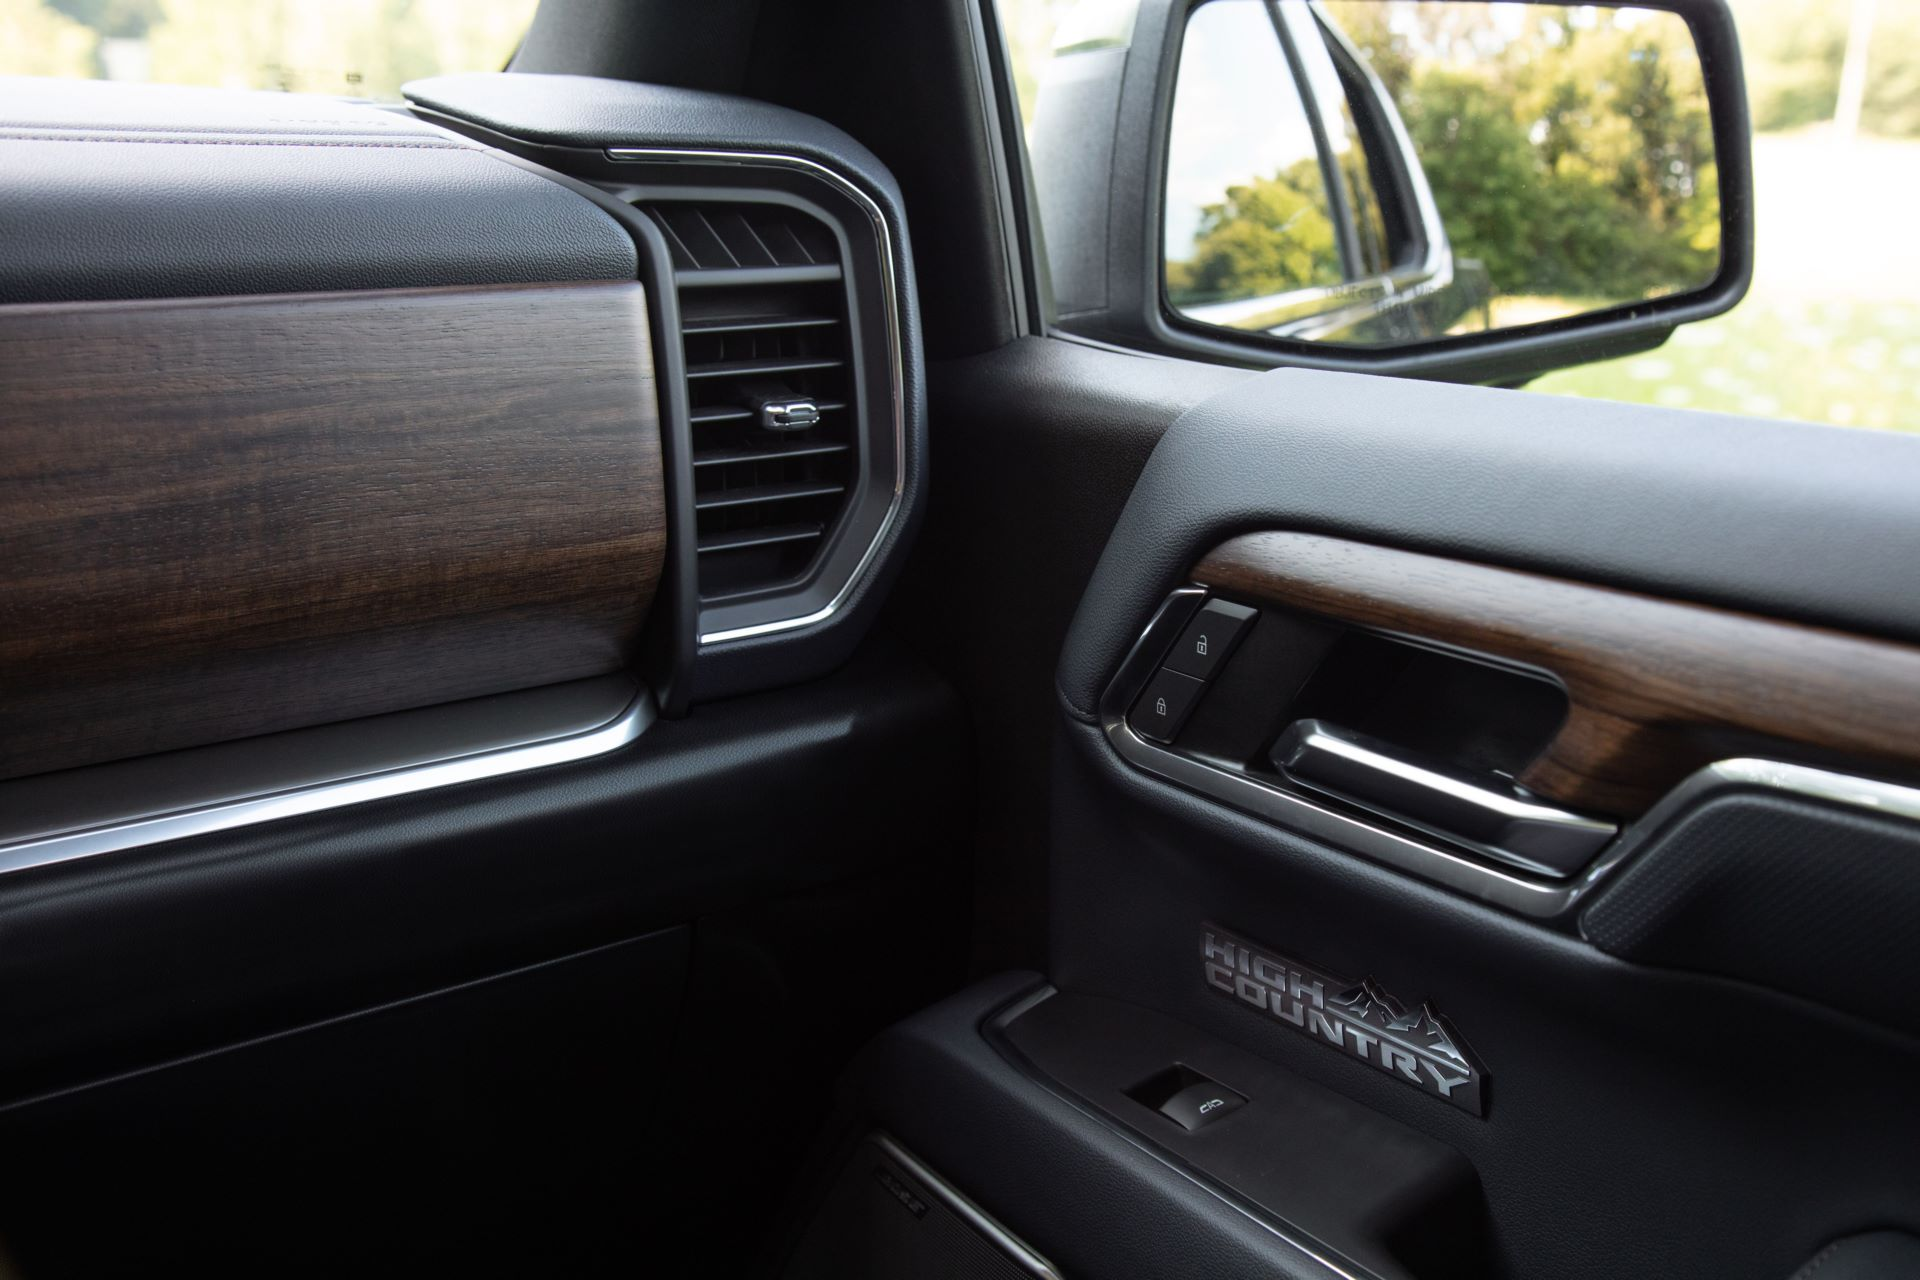 2022-Chevrolet-Silverado-HighCountry-019